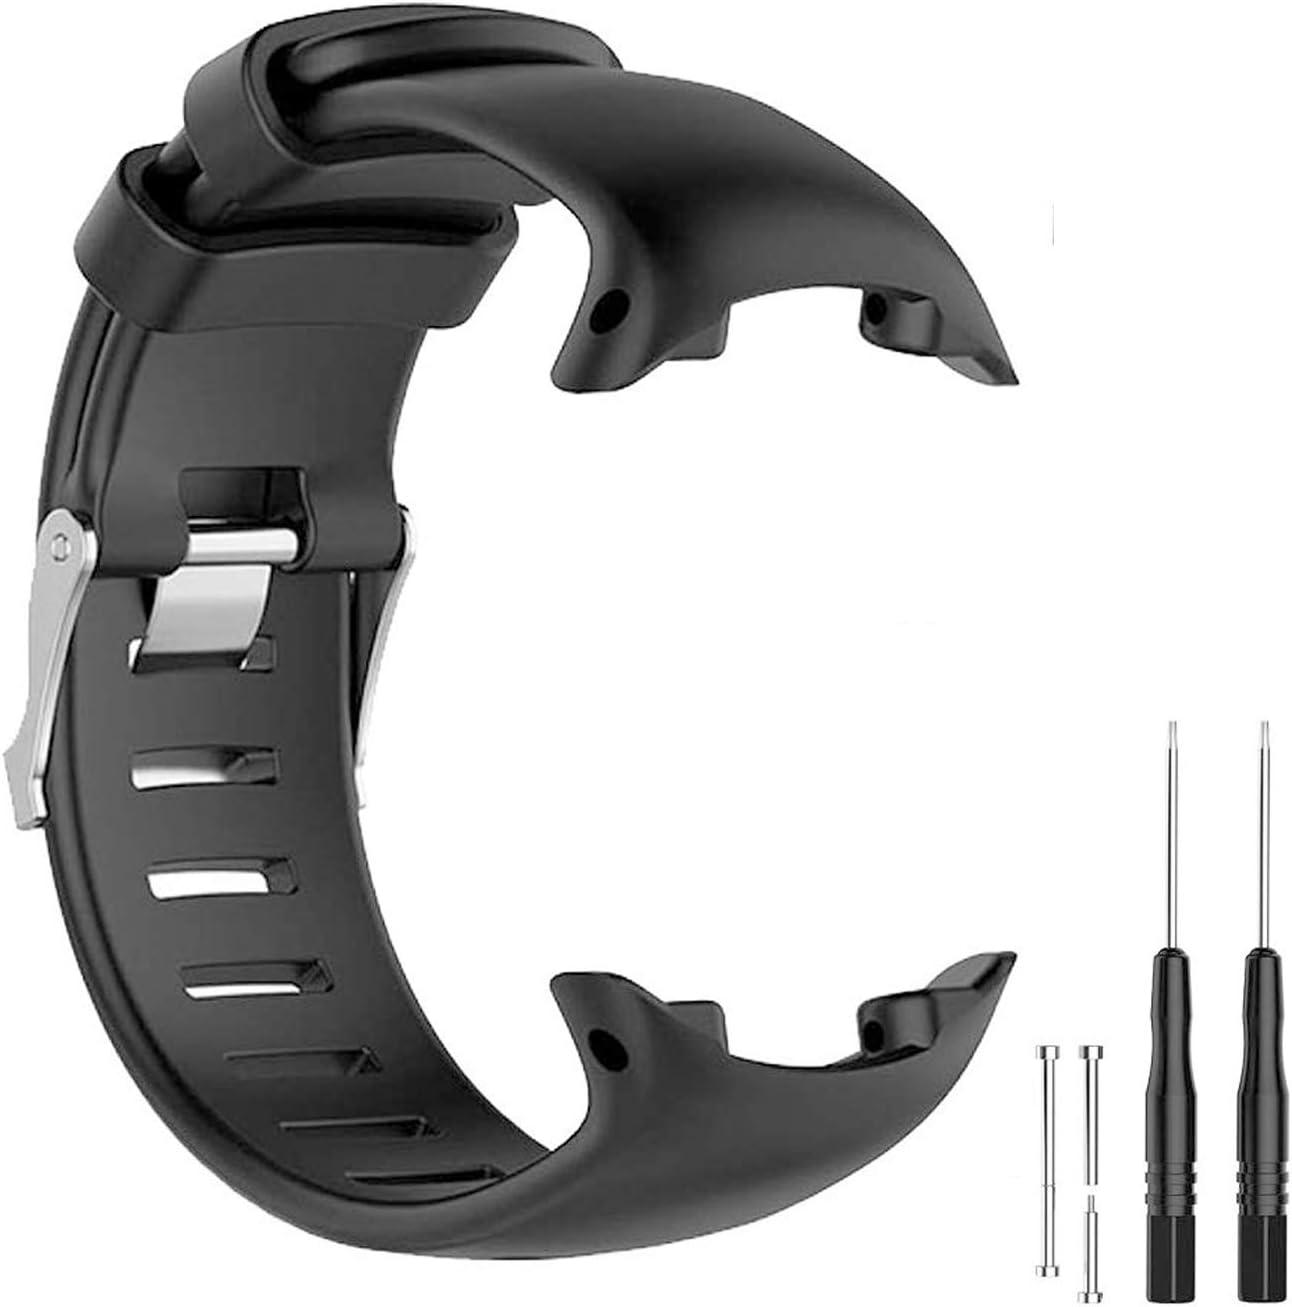 JTMM Correa para SUUNTO D4 / D4i Novo GPS Watch Banda de Reloj de Repuesto, Correa de Pulsera de Silicona Suave Smartwatch Bracelet Band con Herramientas de eliminación